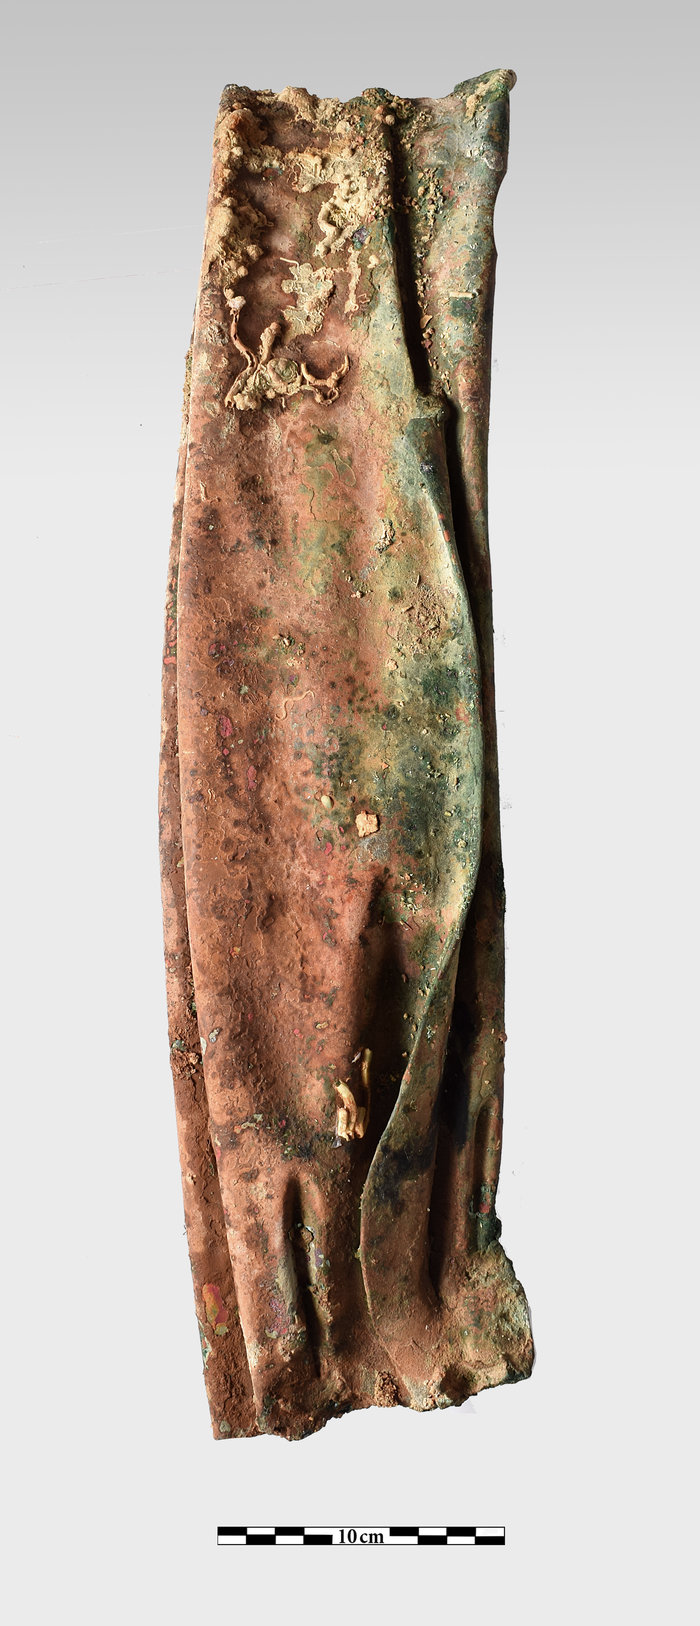 Χάλκινο τμήμα με πτυχώσεις ενδύματος, προερχόμενο από άγαλμα